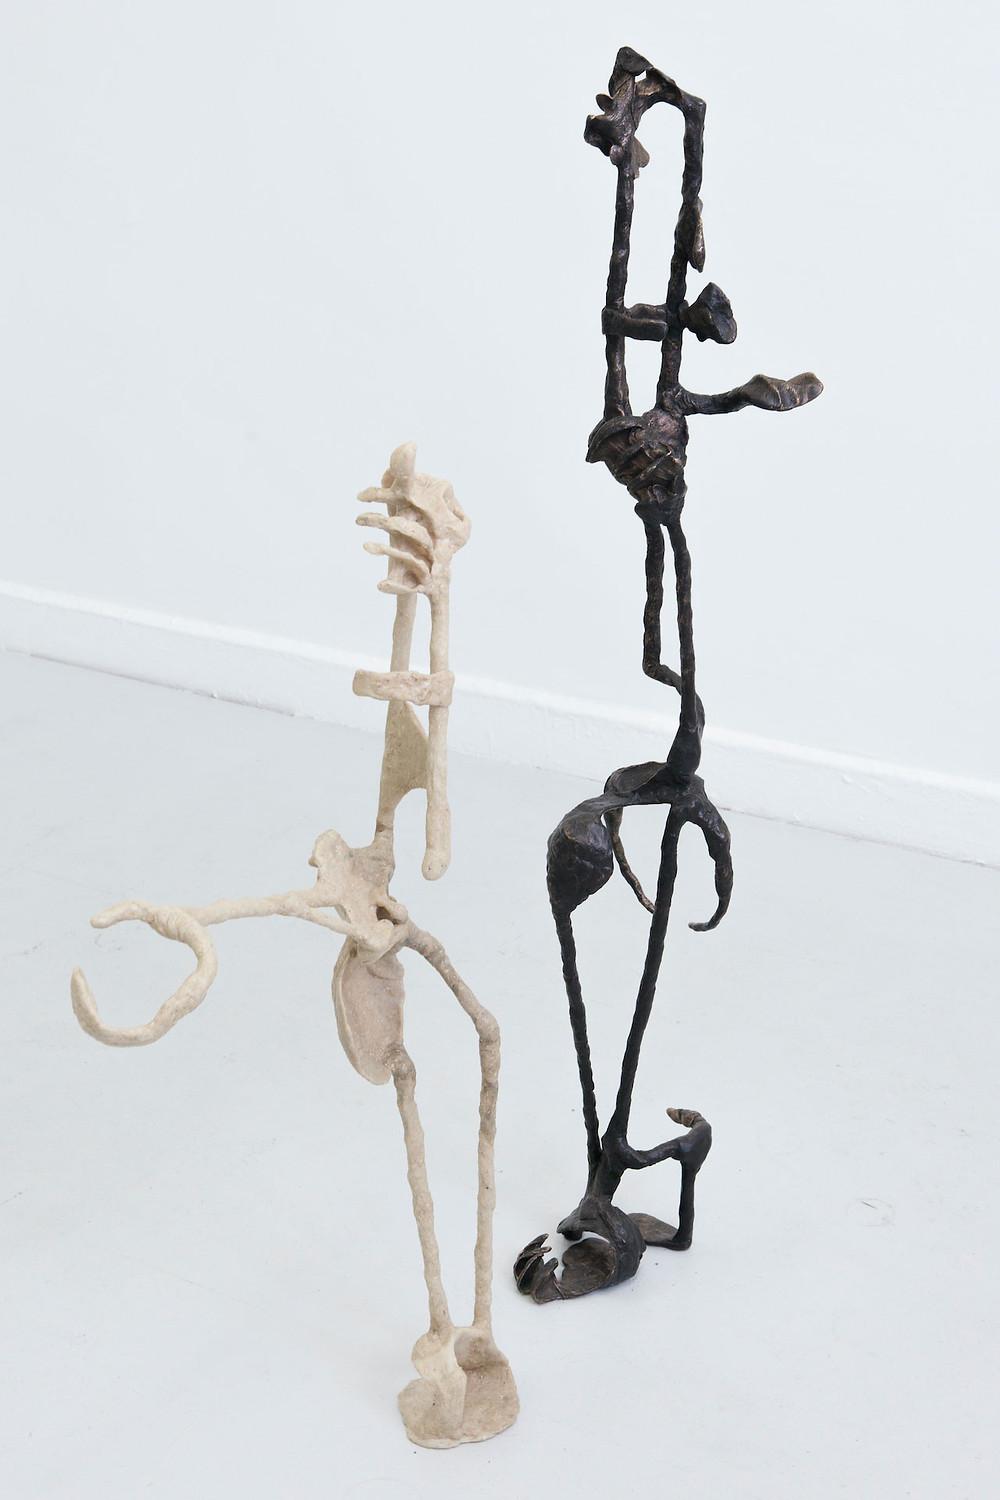 Paul Schuseil, Betrachtungshilfe, 2017; Der Denker eingeschlafen, 2019 (from left to right)